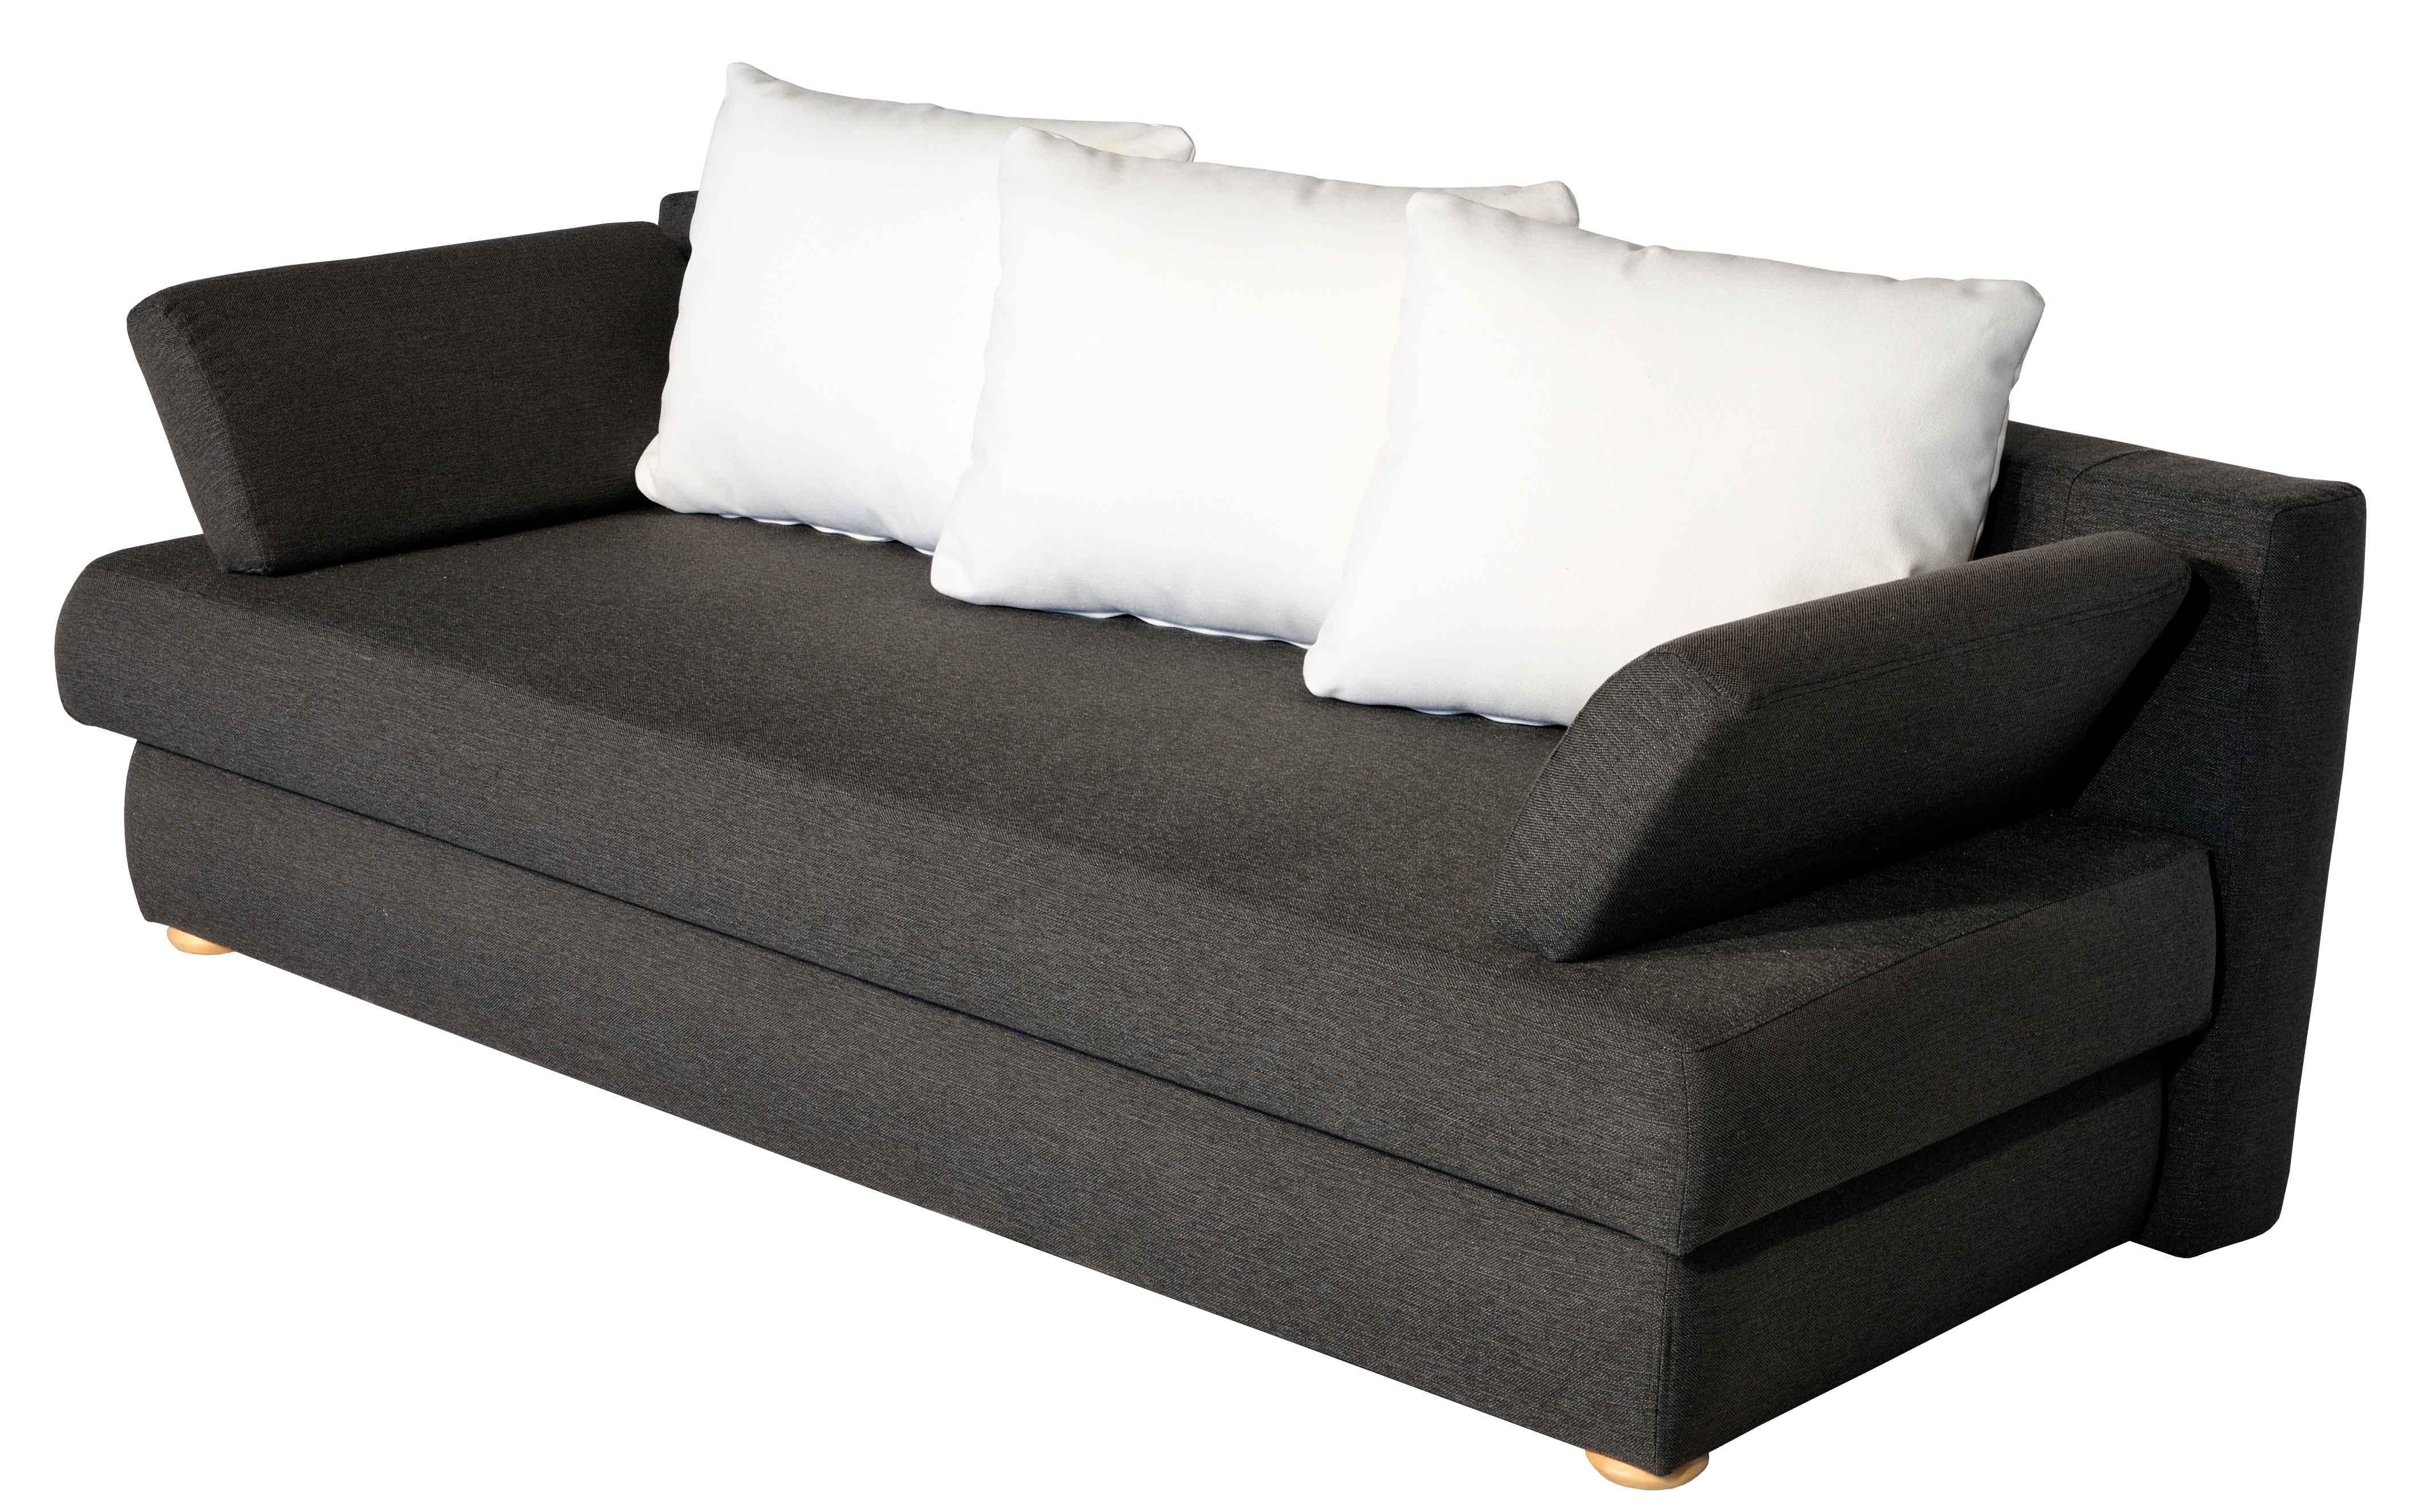 диван кровать с ортопедическим матрасом. стильный диван с ортопедическим матрасом